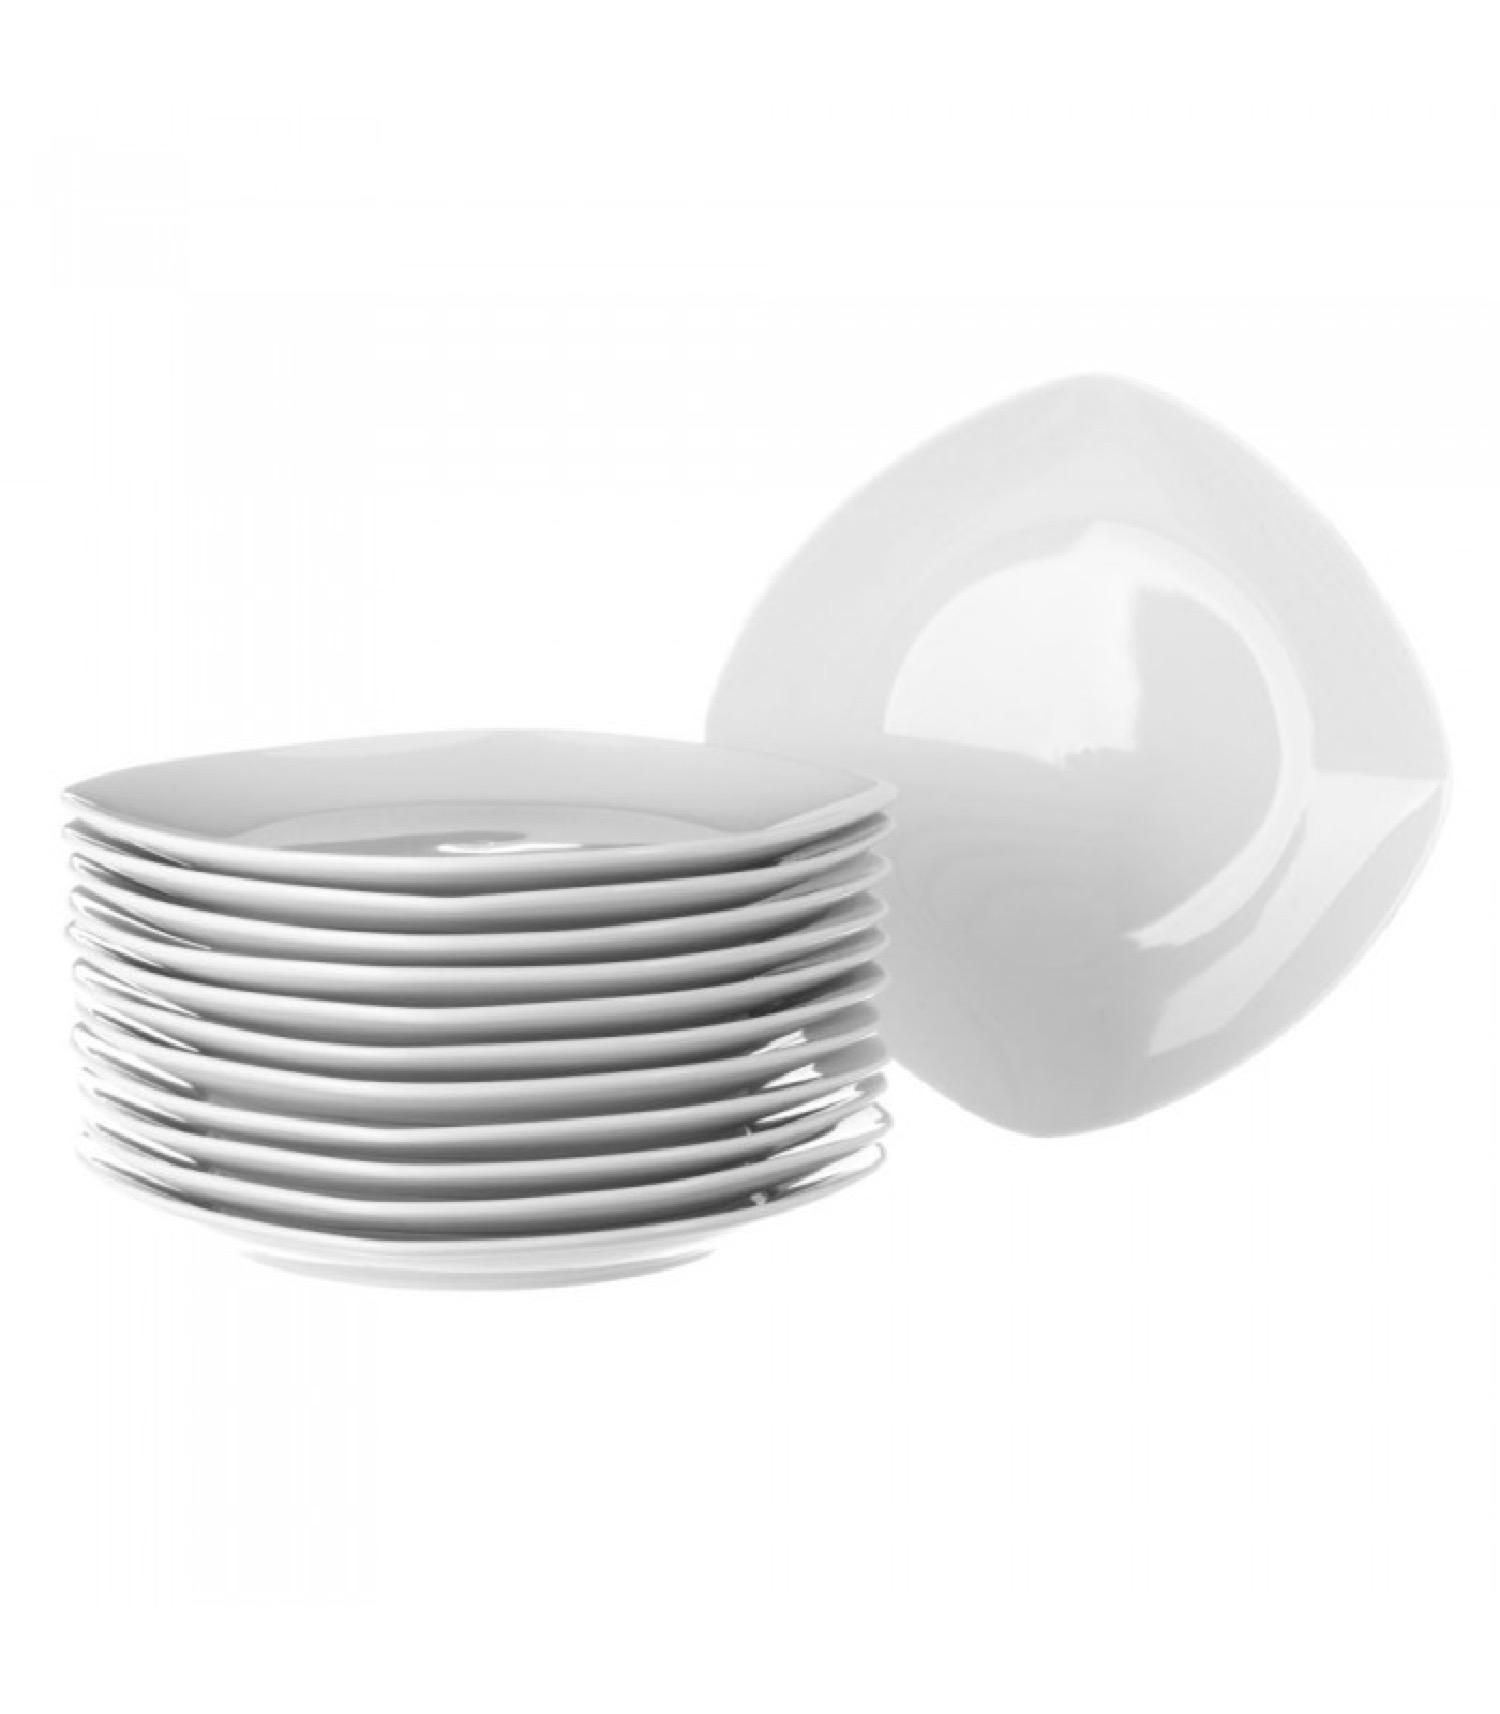 Assiette plate carrée en porcelaine blanche - Lot de 12